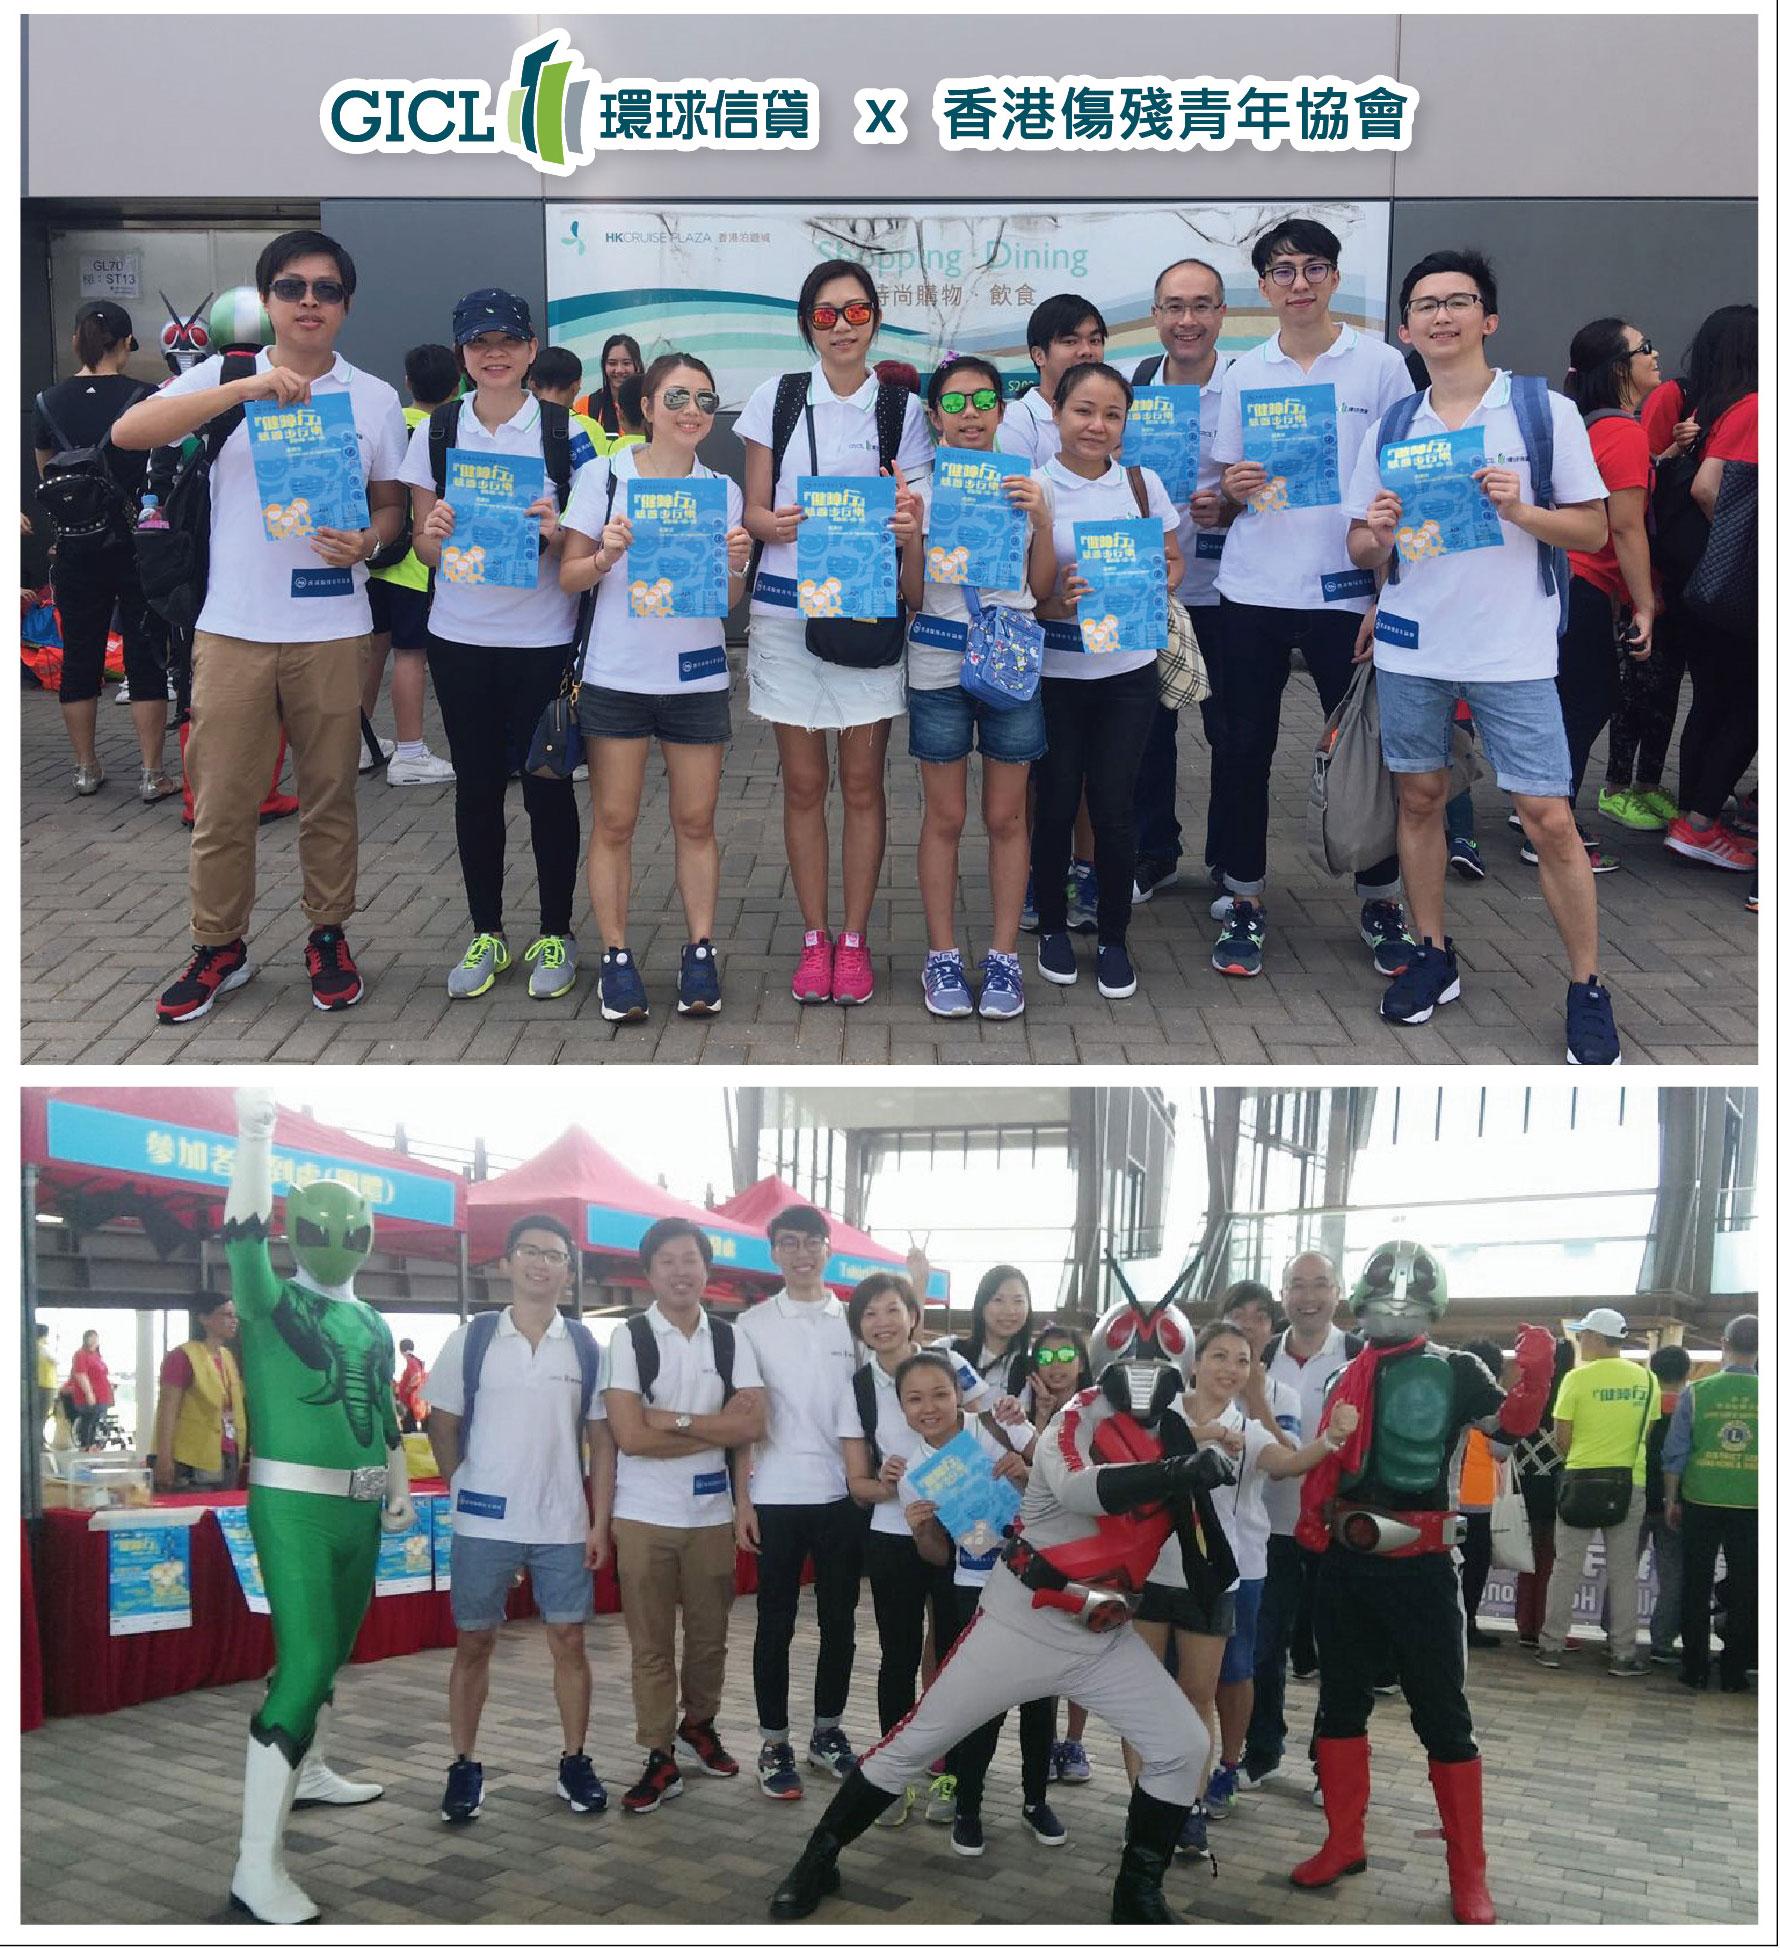 香港傷殘青年協會 – 健障行